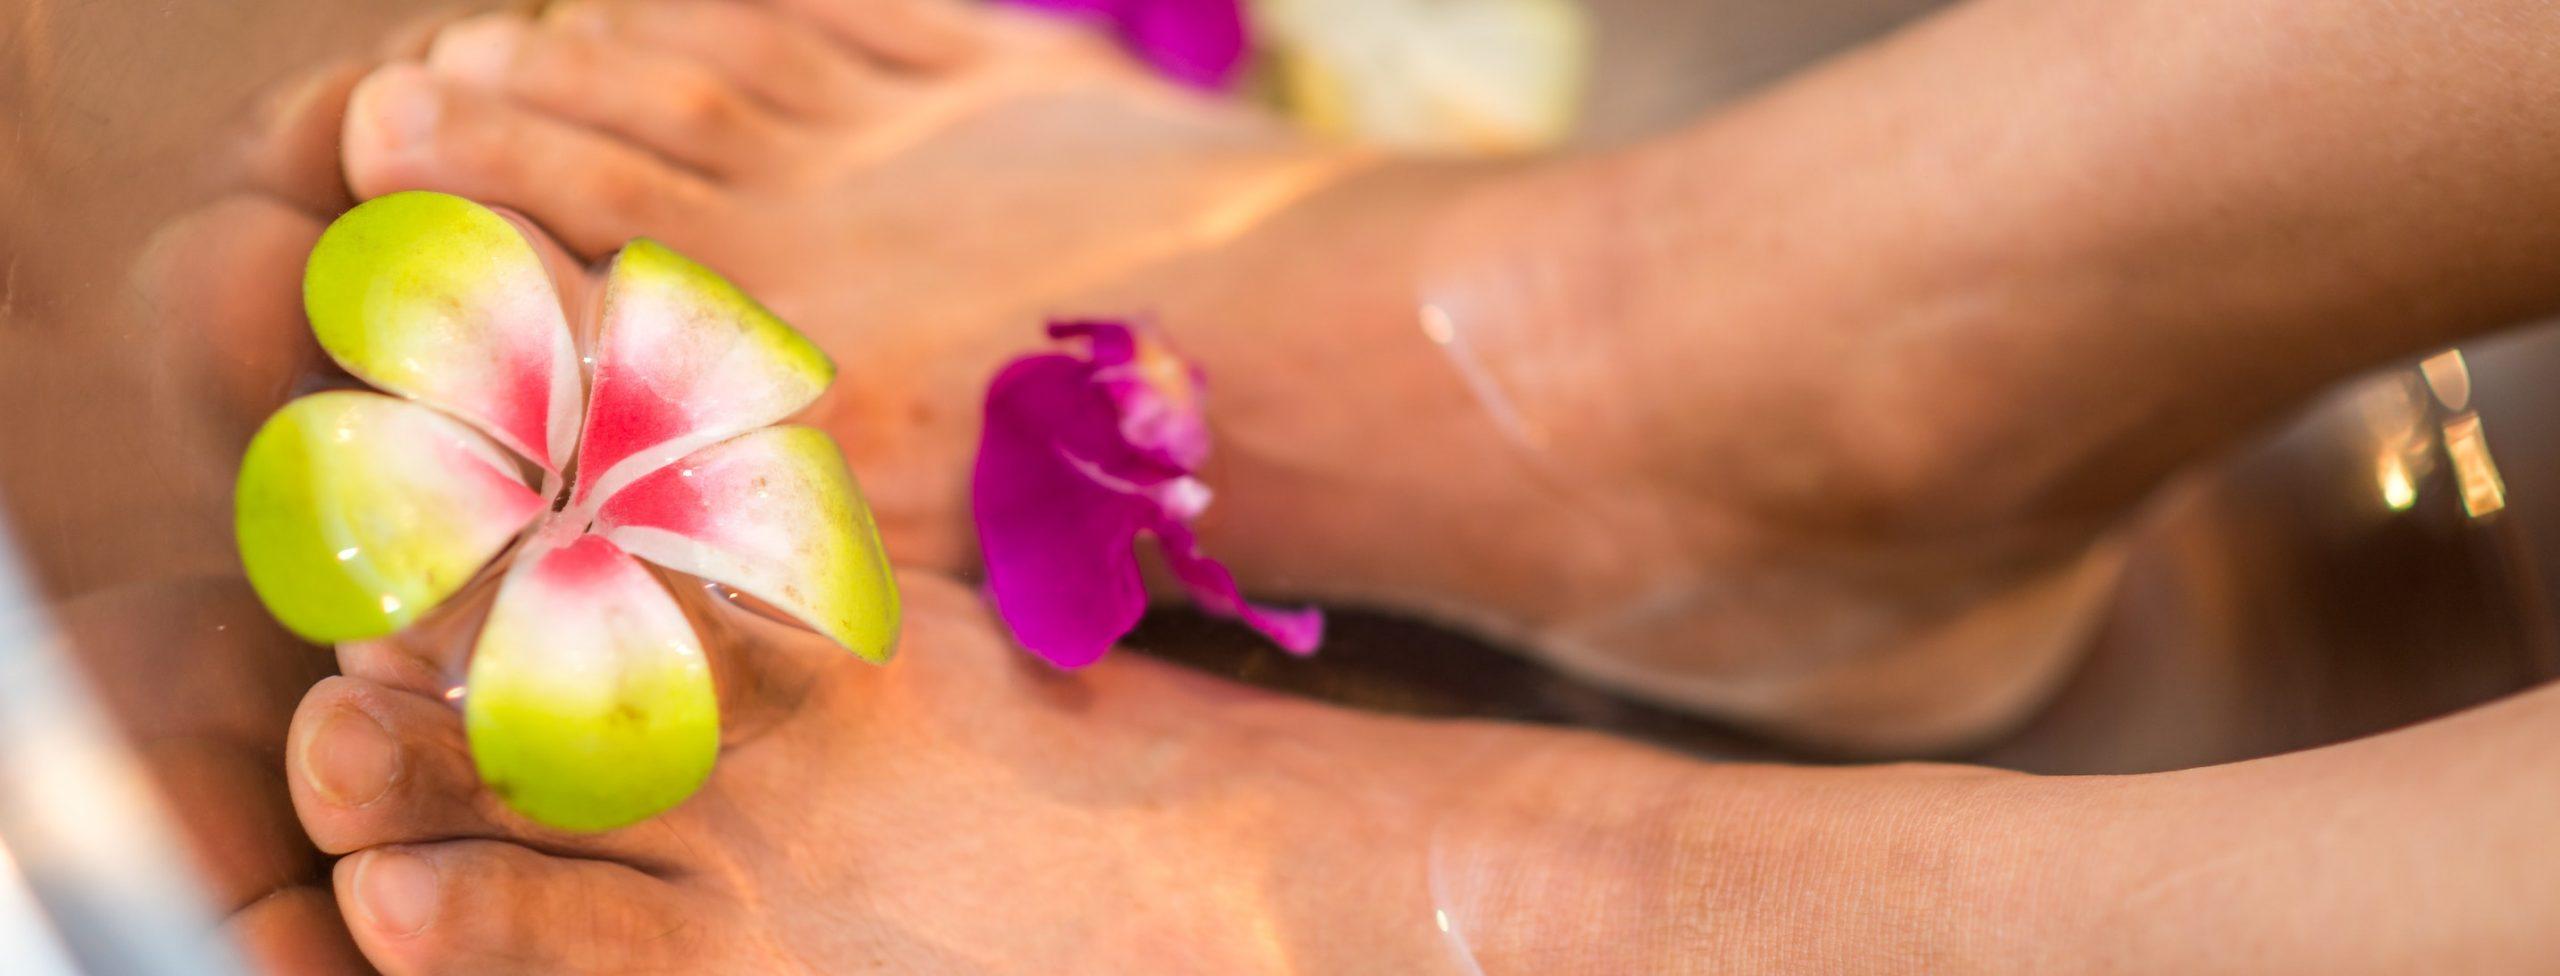 thaimassage-märsta-fotmassage-fotbehandling